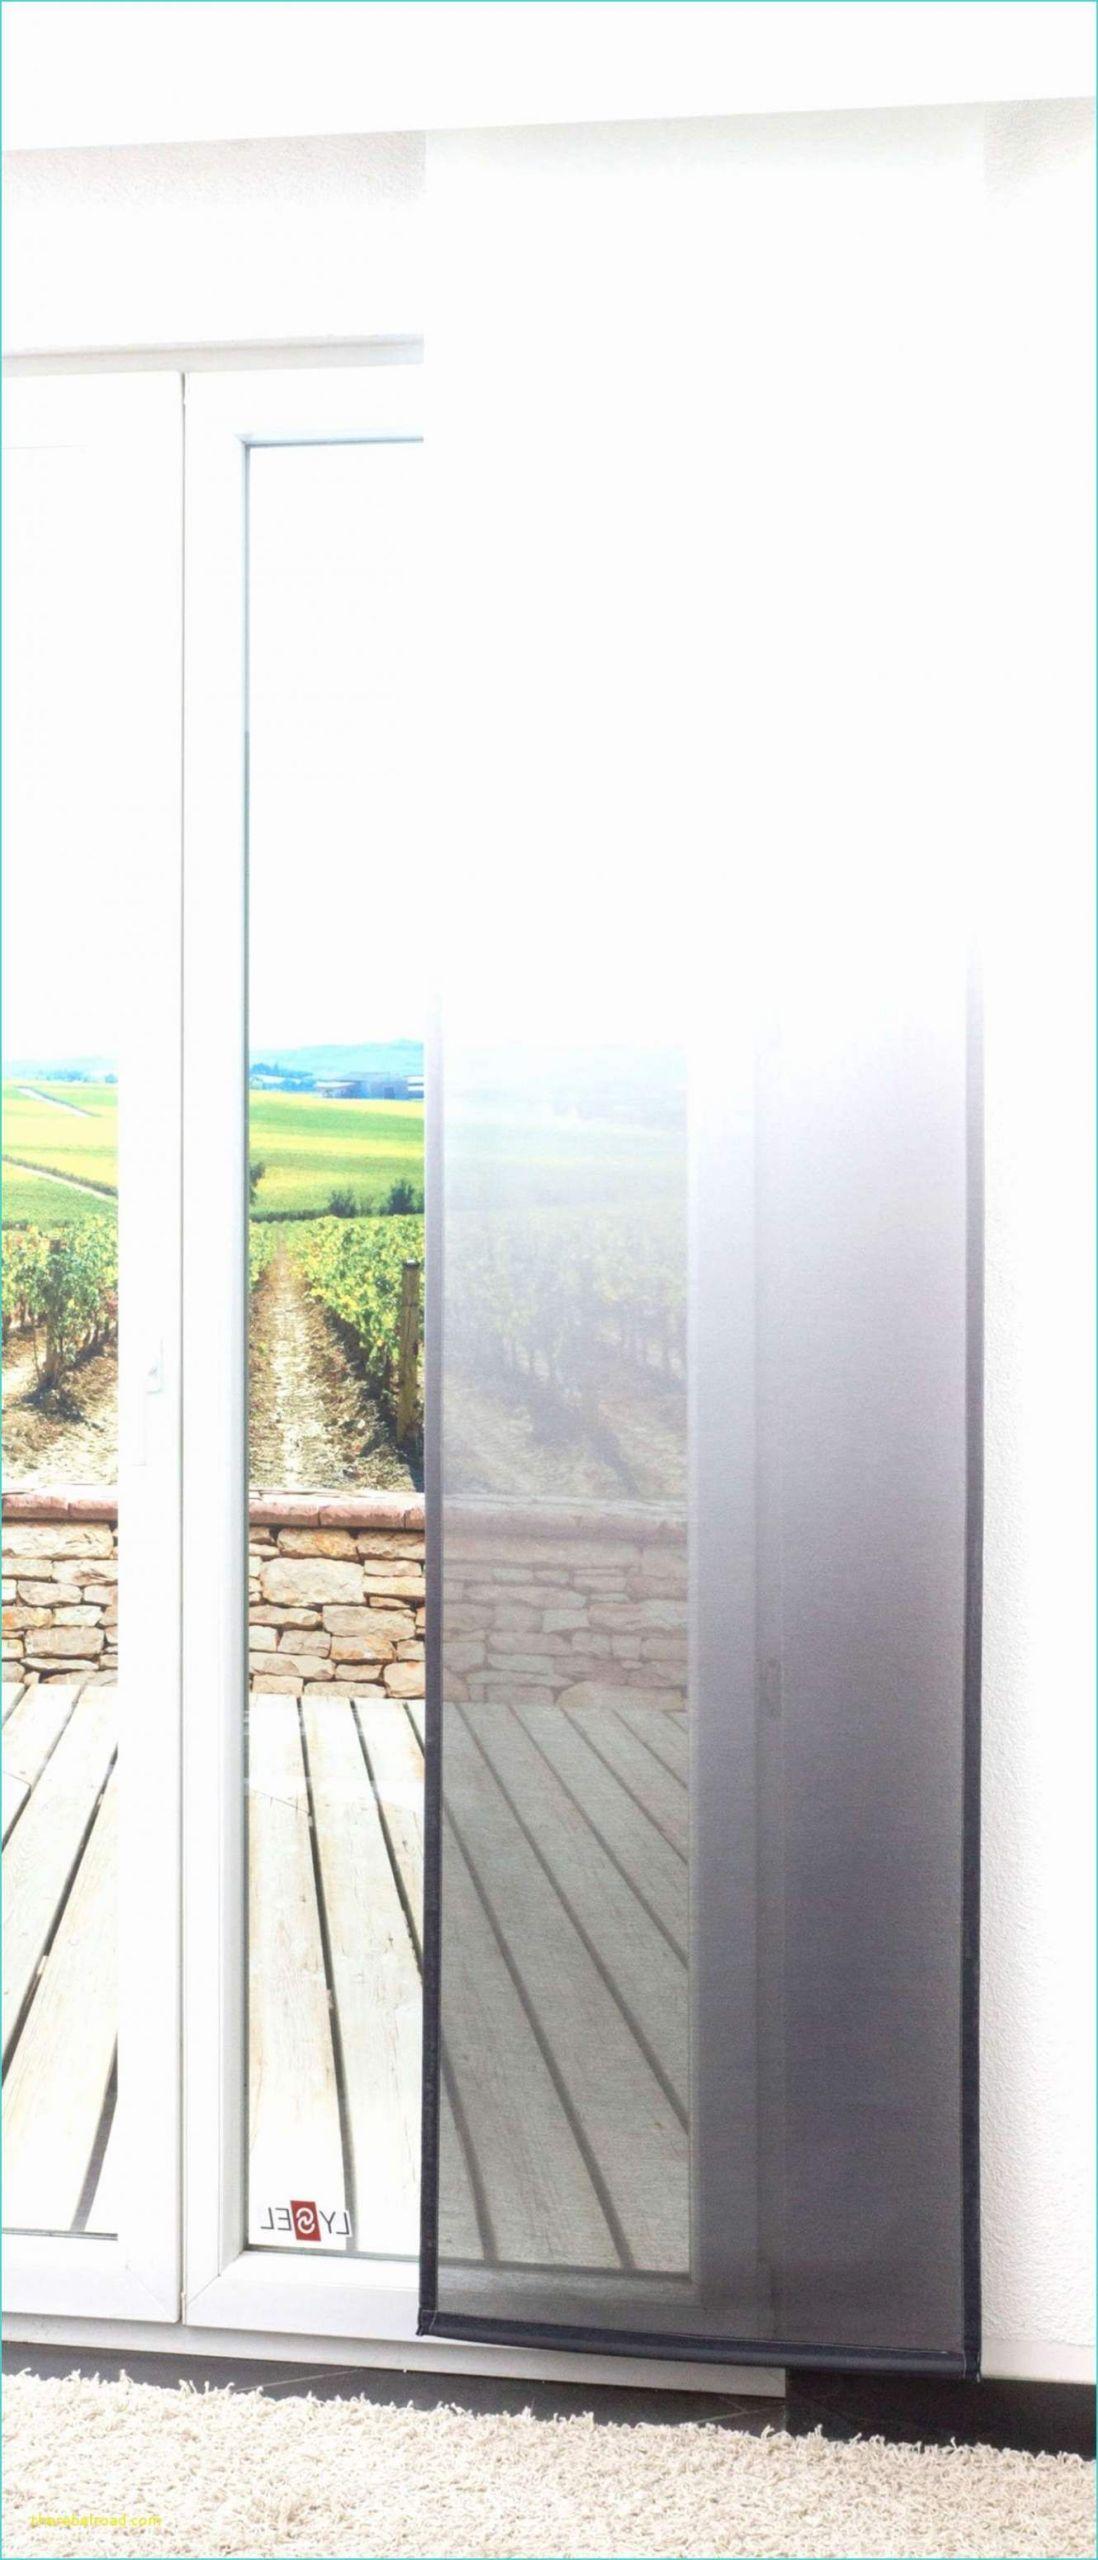 42 frisch balkon sichtschutz weis grafik gardine fur tur mit glaseinsatz gardine fur tur mit glaseinsatz